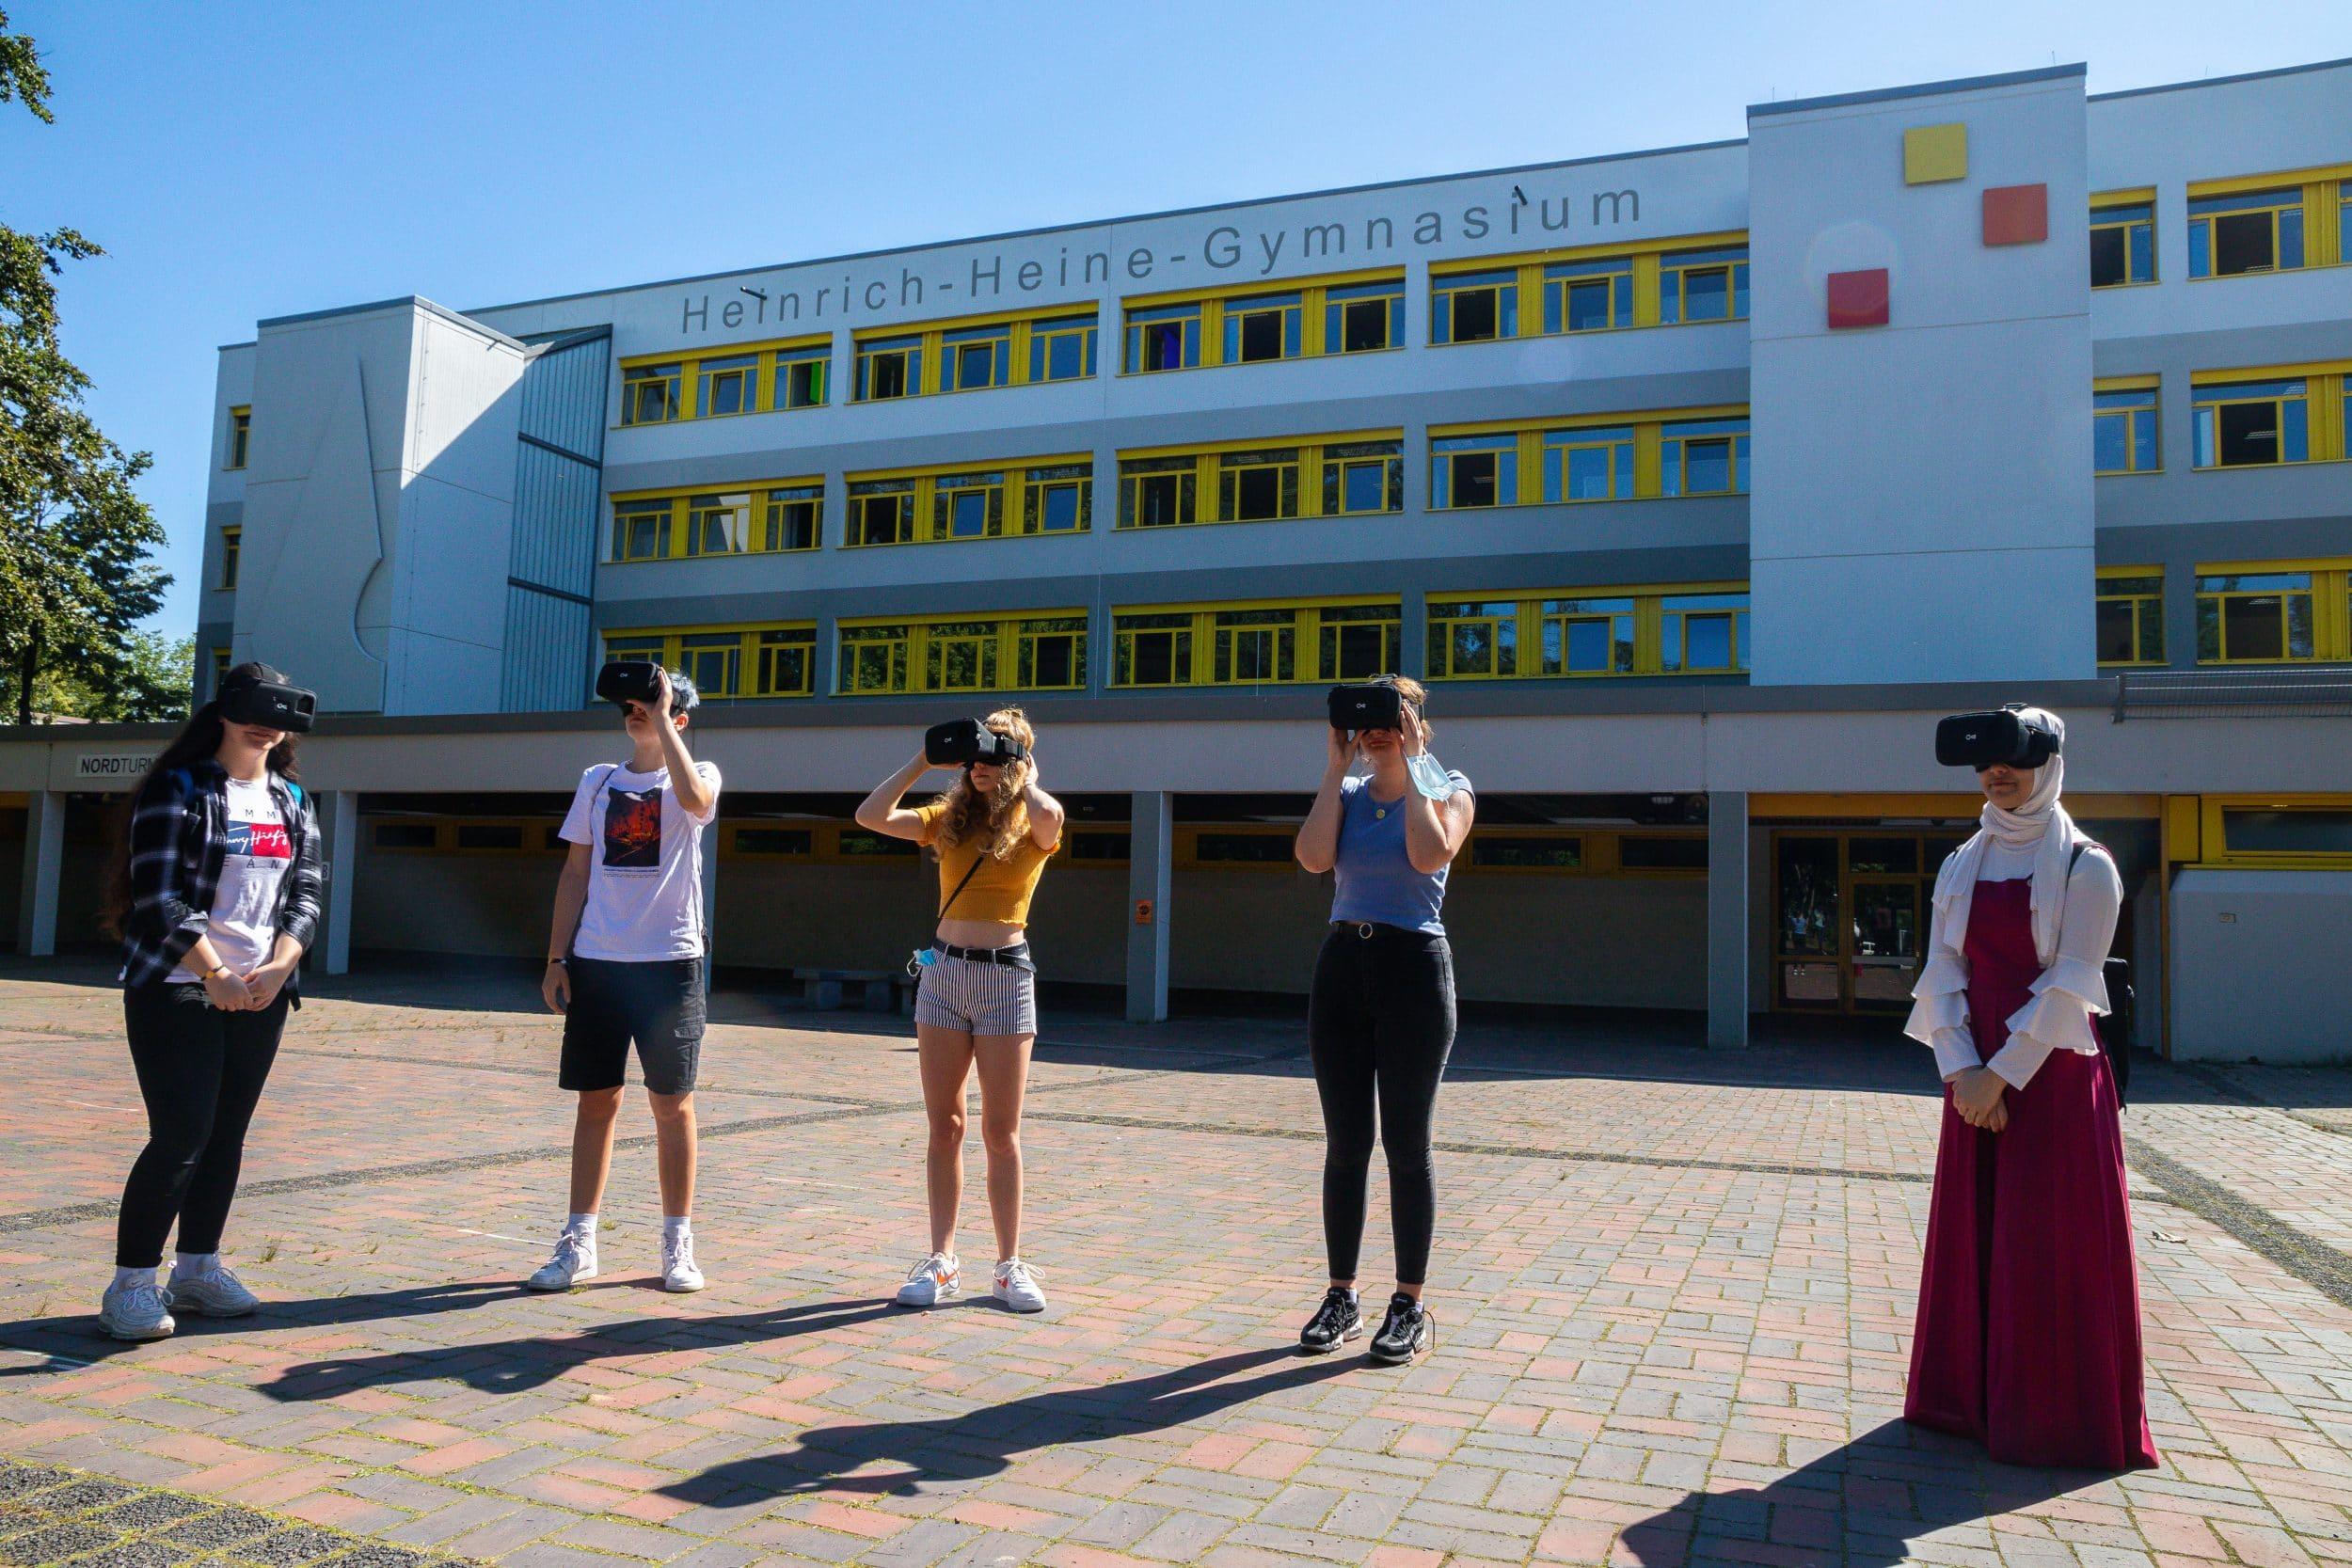 Die Präsentation des Projektes erfolgte anhand von VR-Brillen. (Fotos: IN-StadtMagazine)